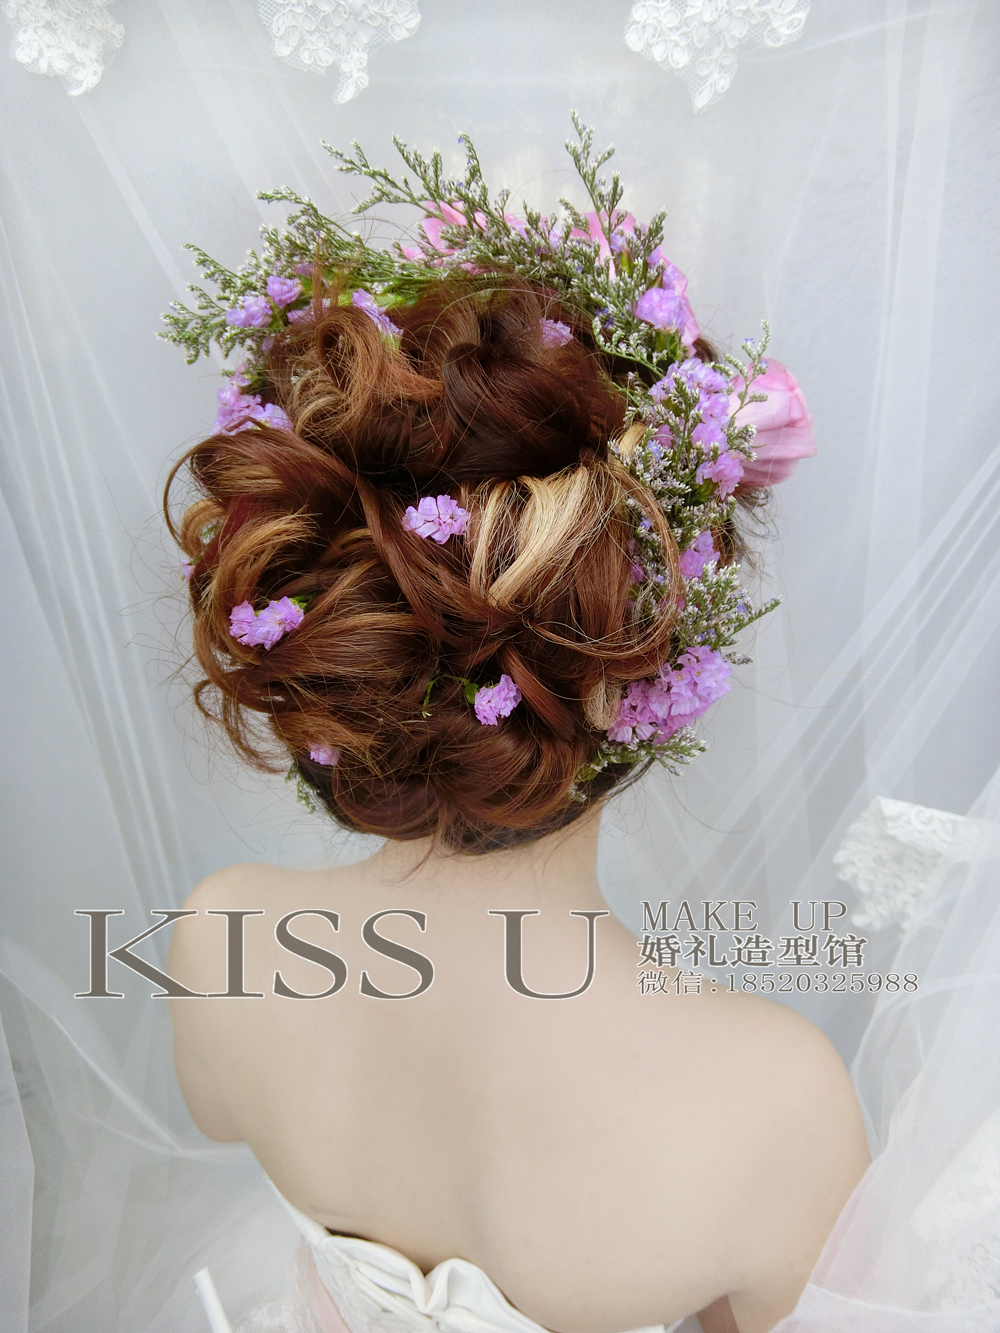 新娘鲜花造型 KISS U婚礼造型馆 广州化妆师婷婷图片